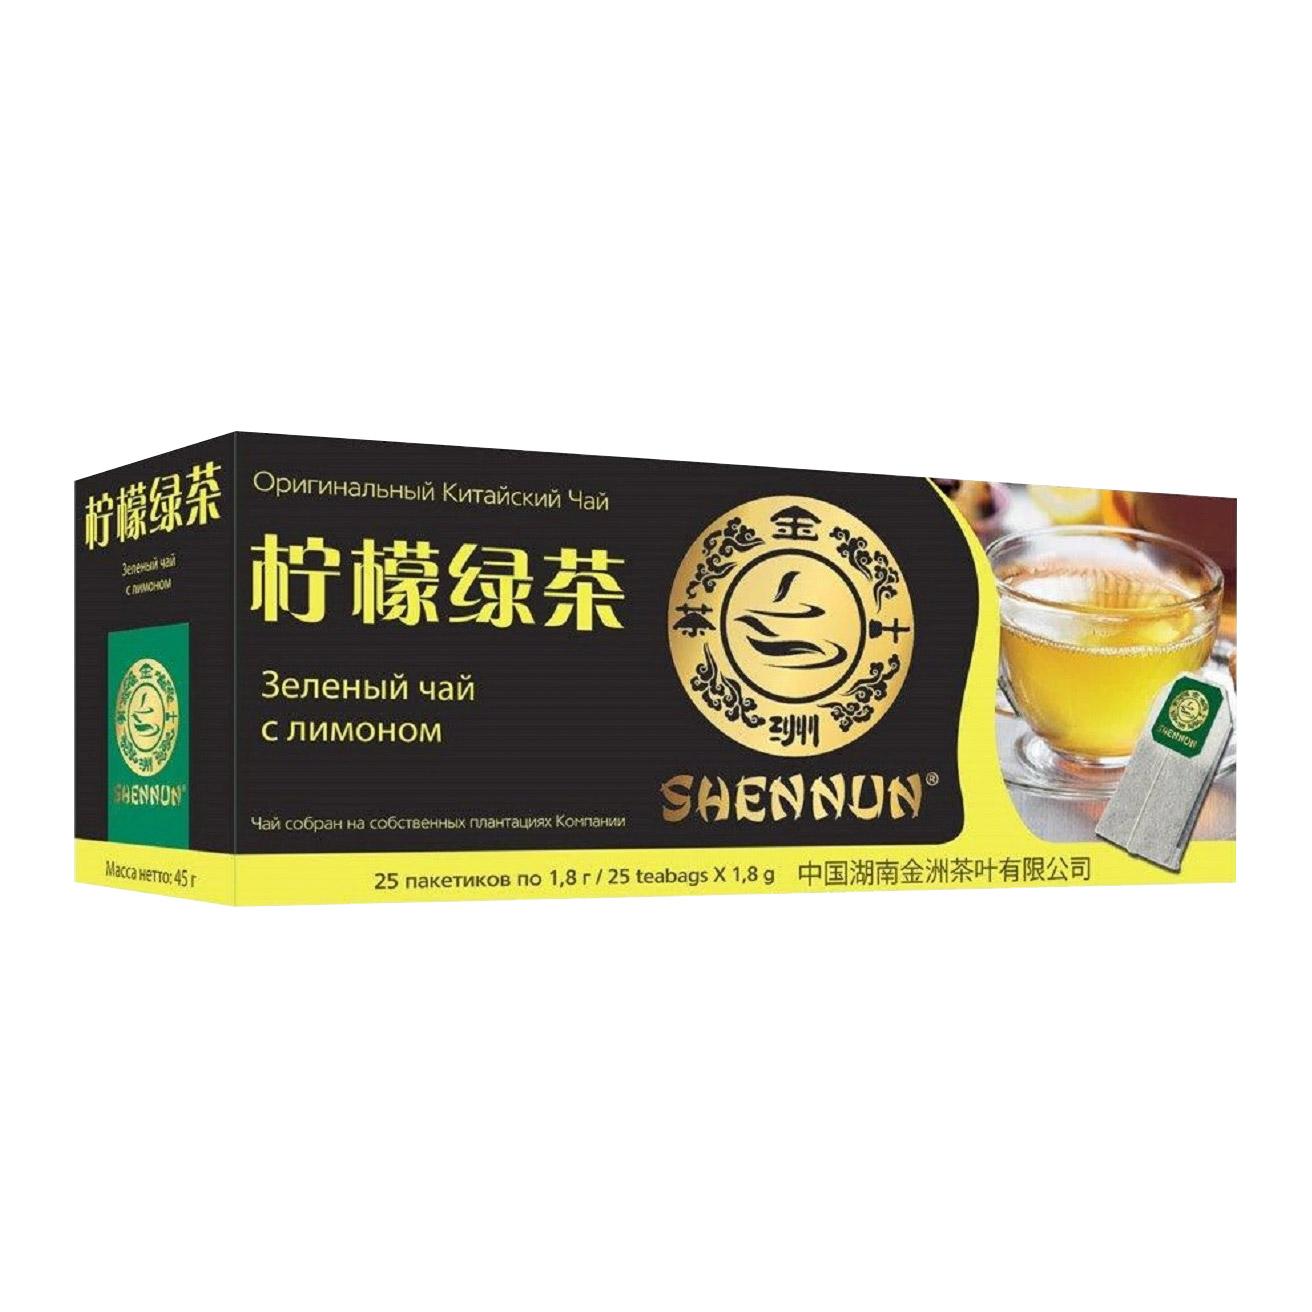 Чай зеленый Shennun с лимоном, 25 пакетиков